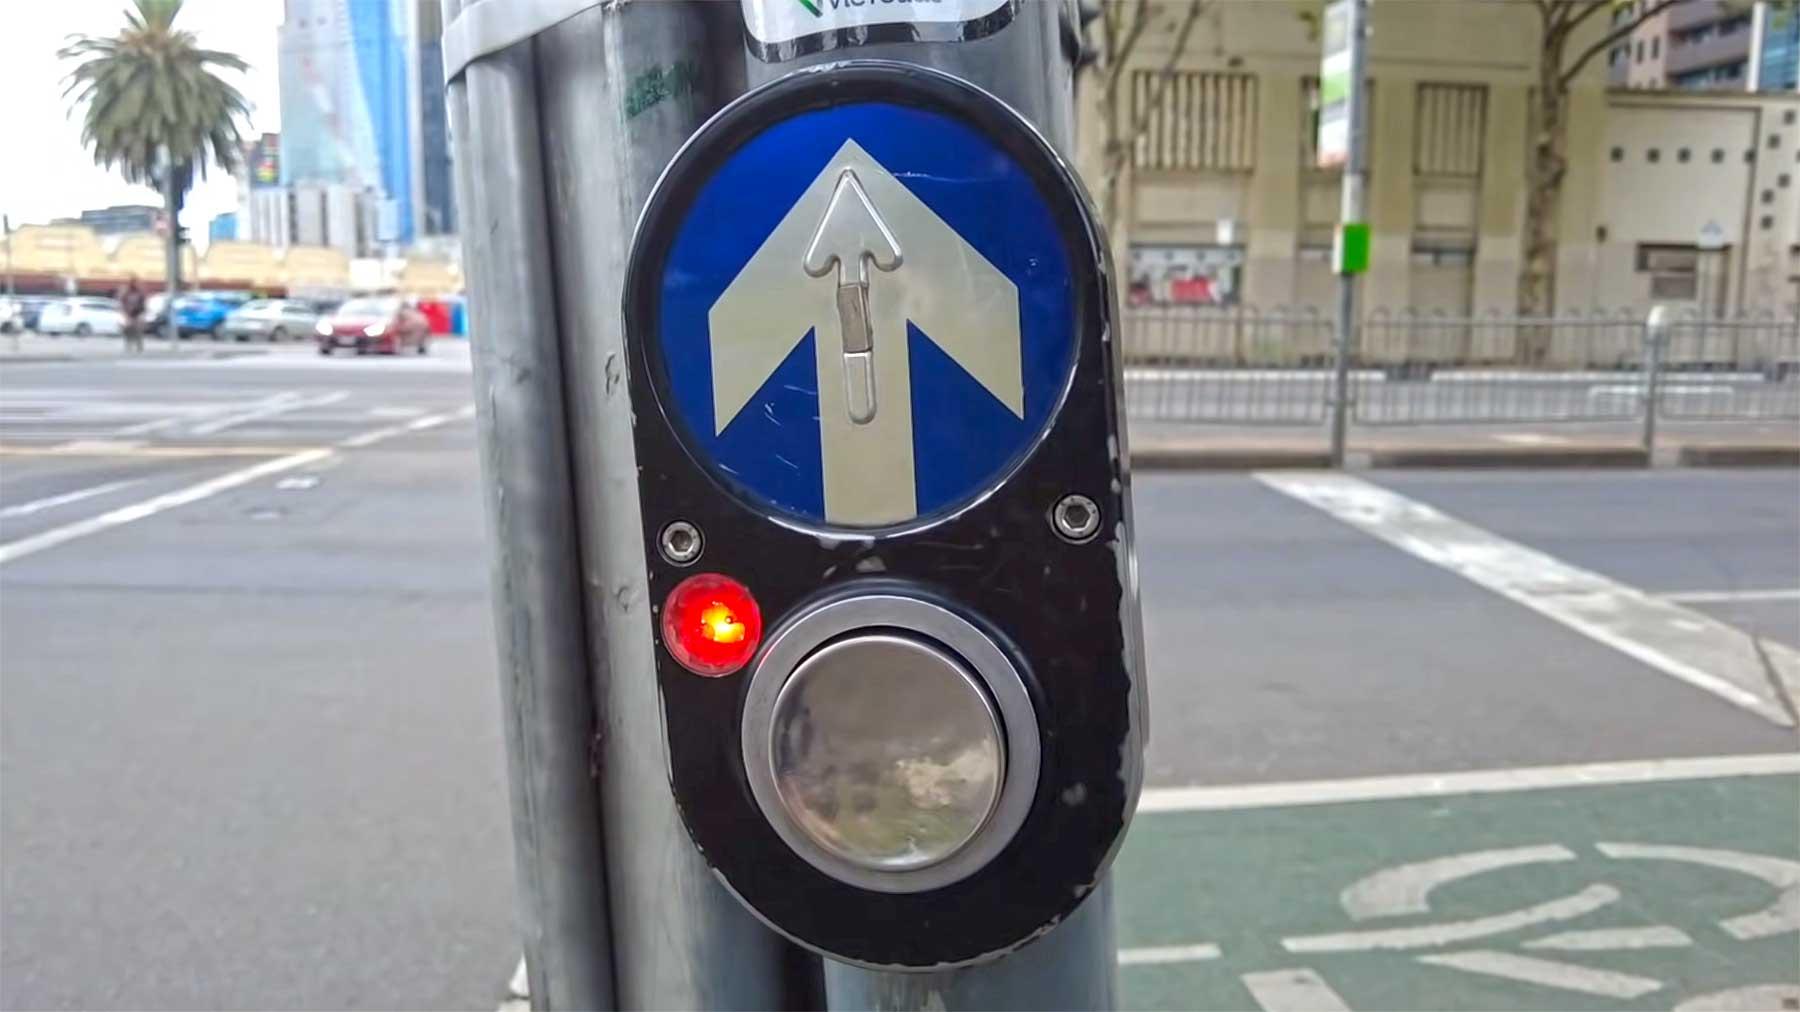 Weshalb der australische Fußgänger-Ampelschalter so genial ist